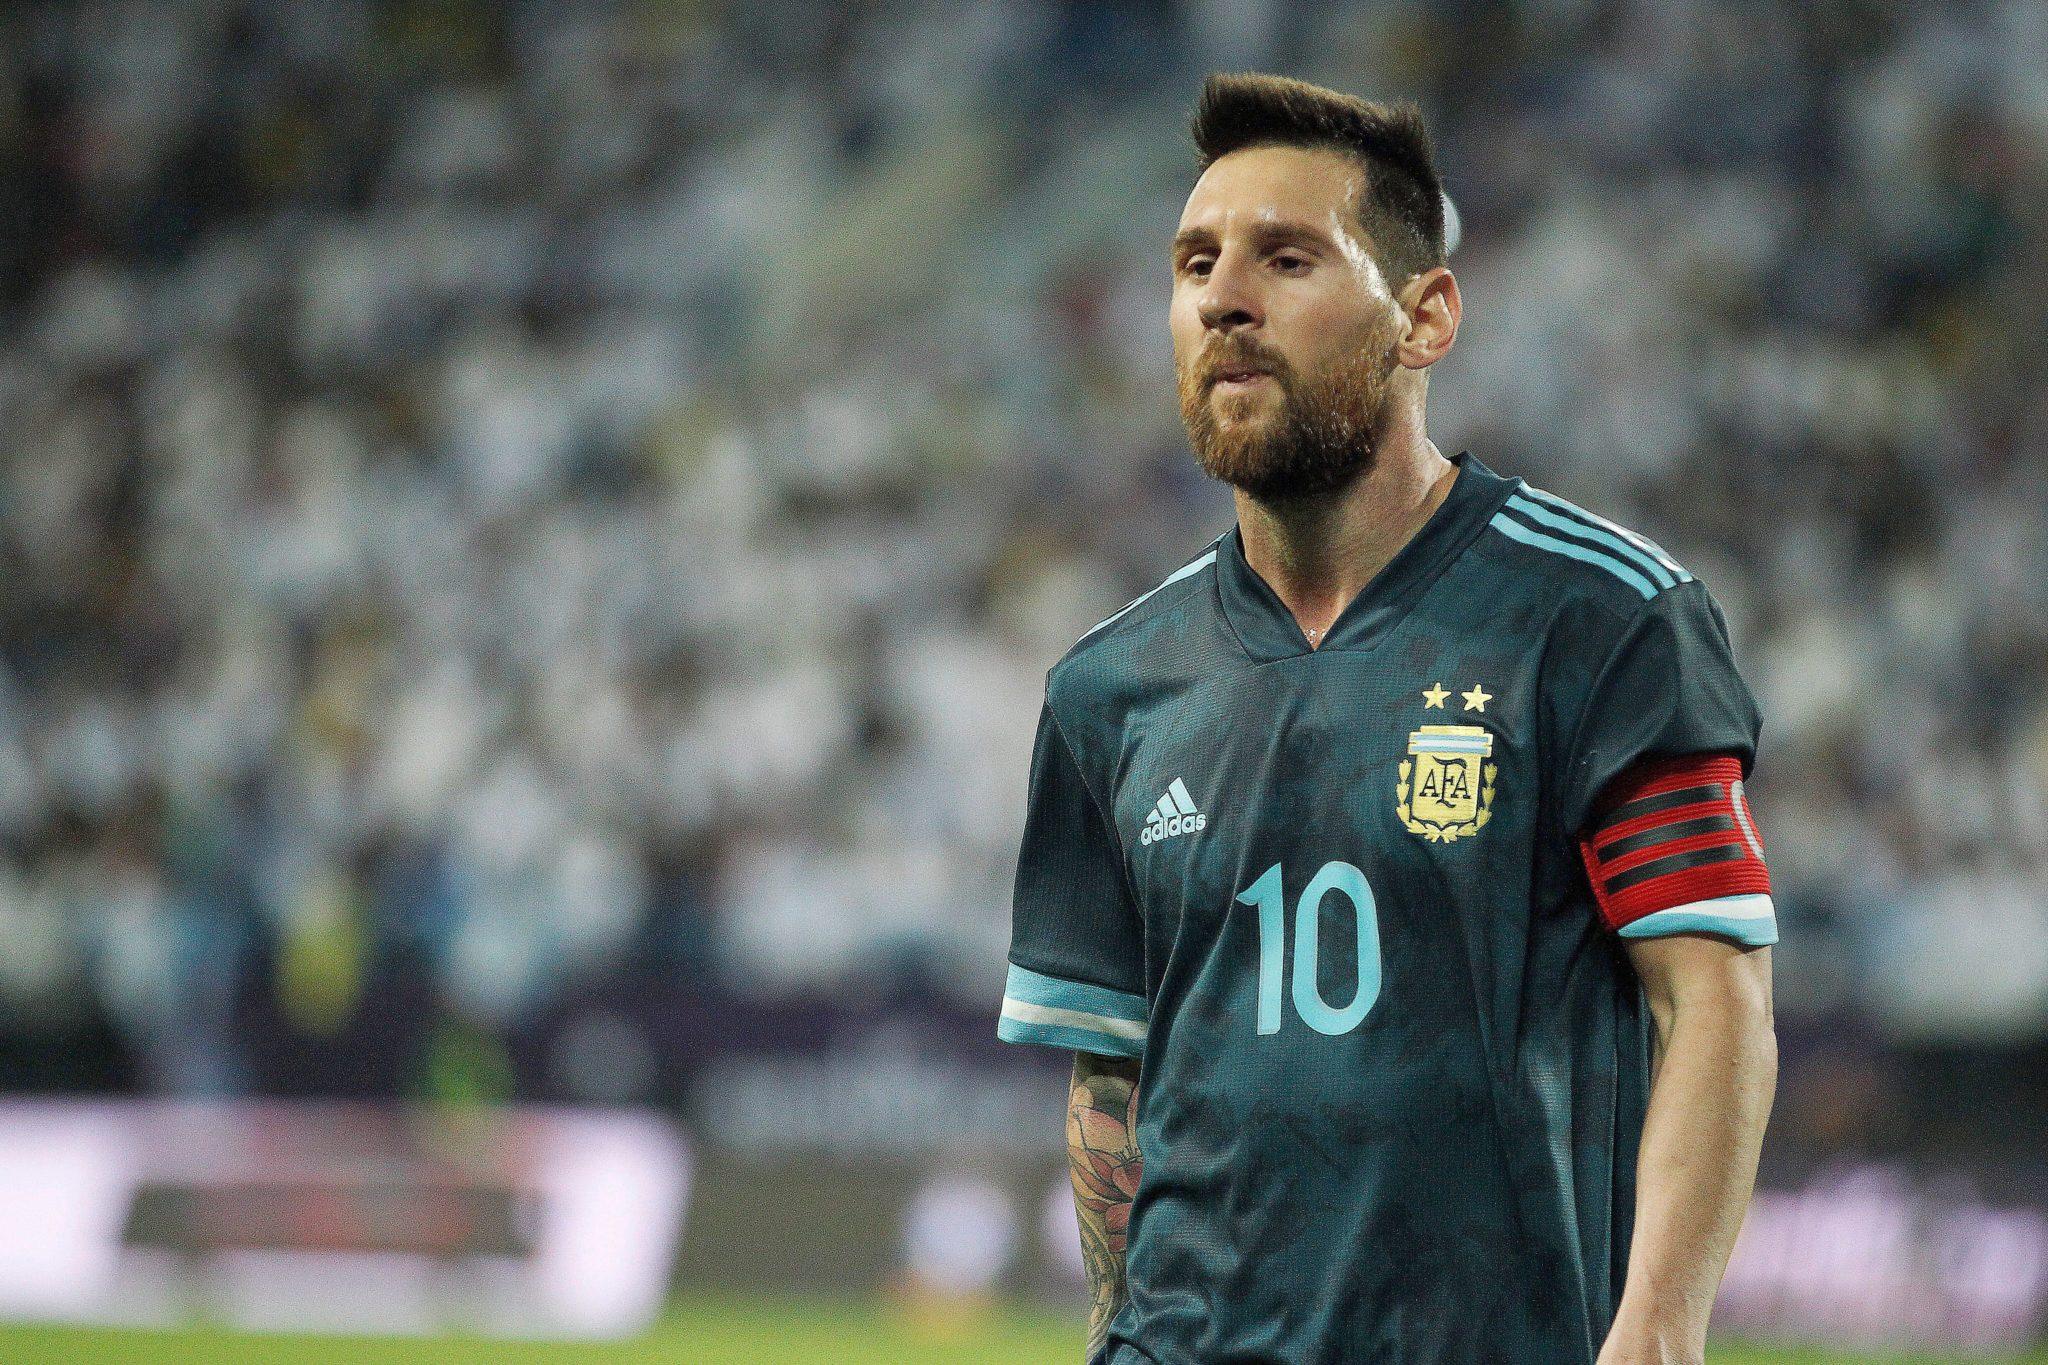 Messi da triunfo a la albiceleste